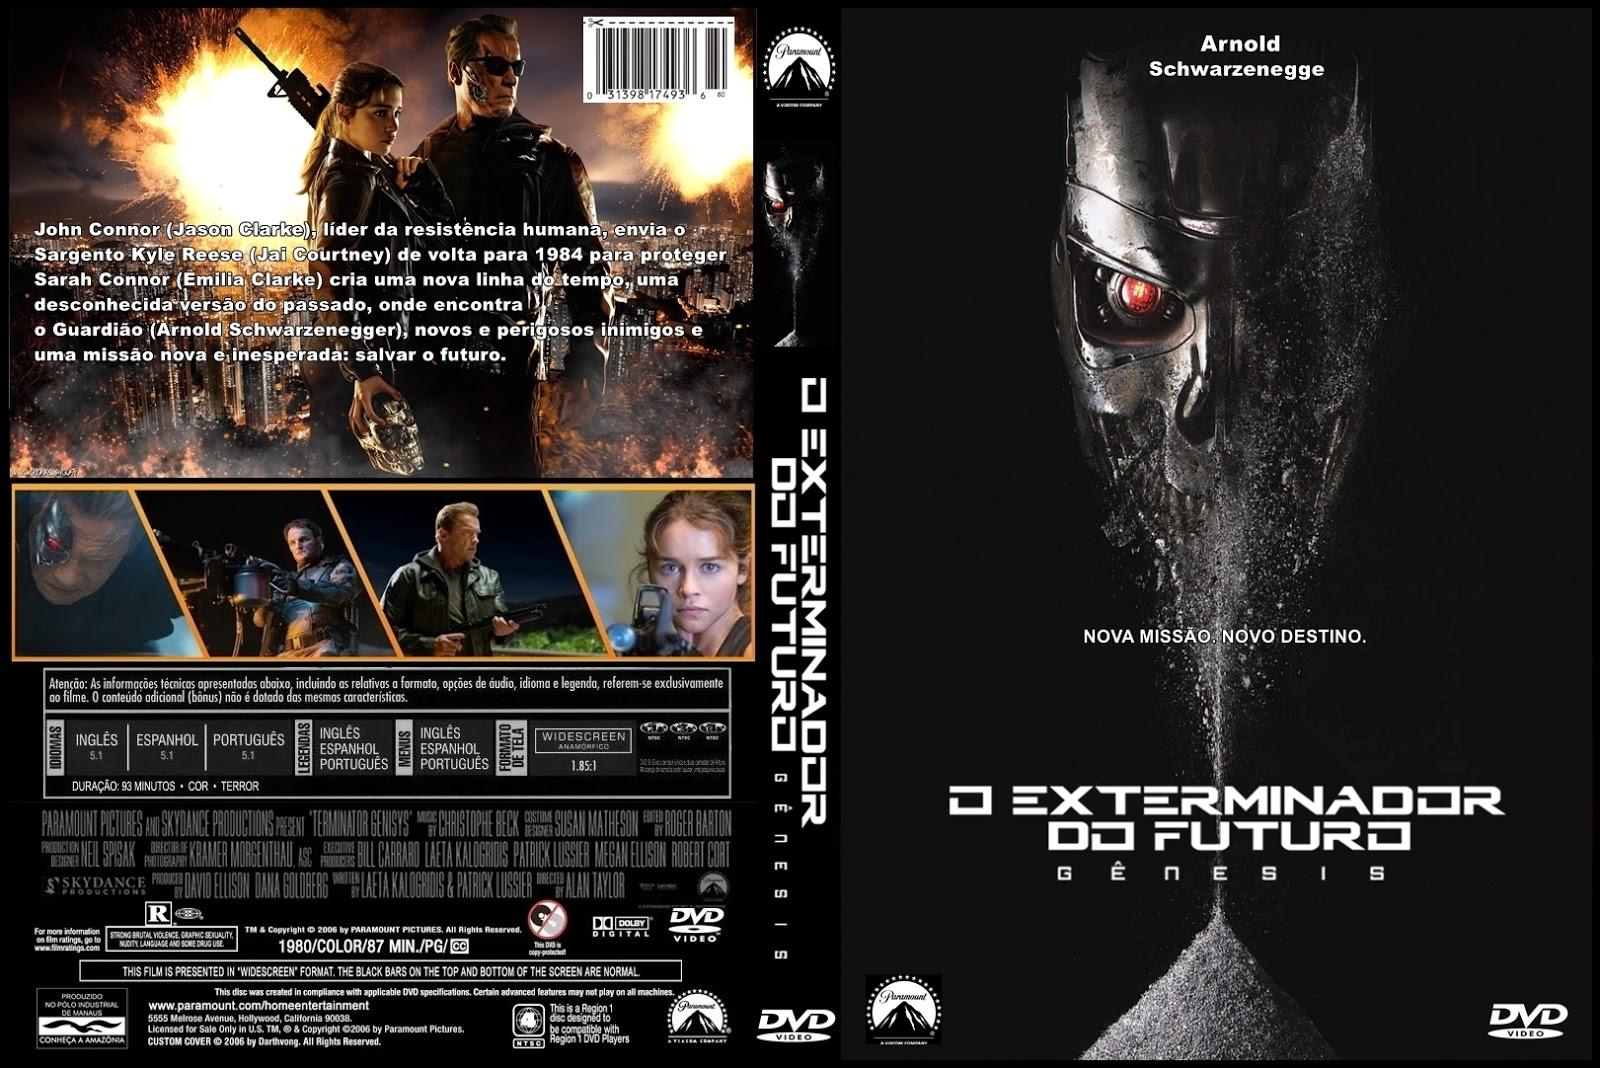 Download O Exterminador do Futuro Gênesis DVD-R O 2BExterminador 2BDo 2BFuturo 2B  2BG 25C3 25AAnesis 2B 25283 2529